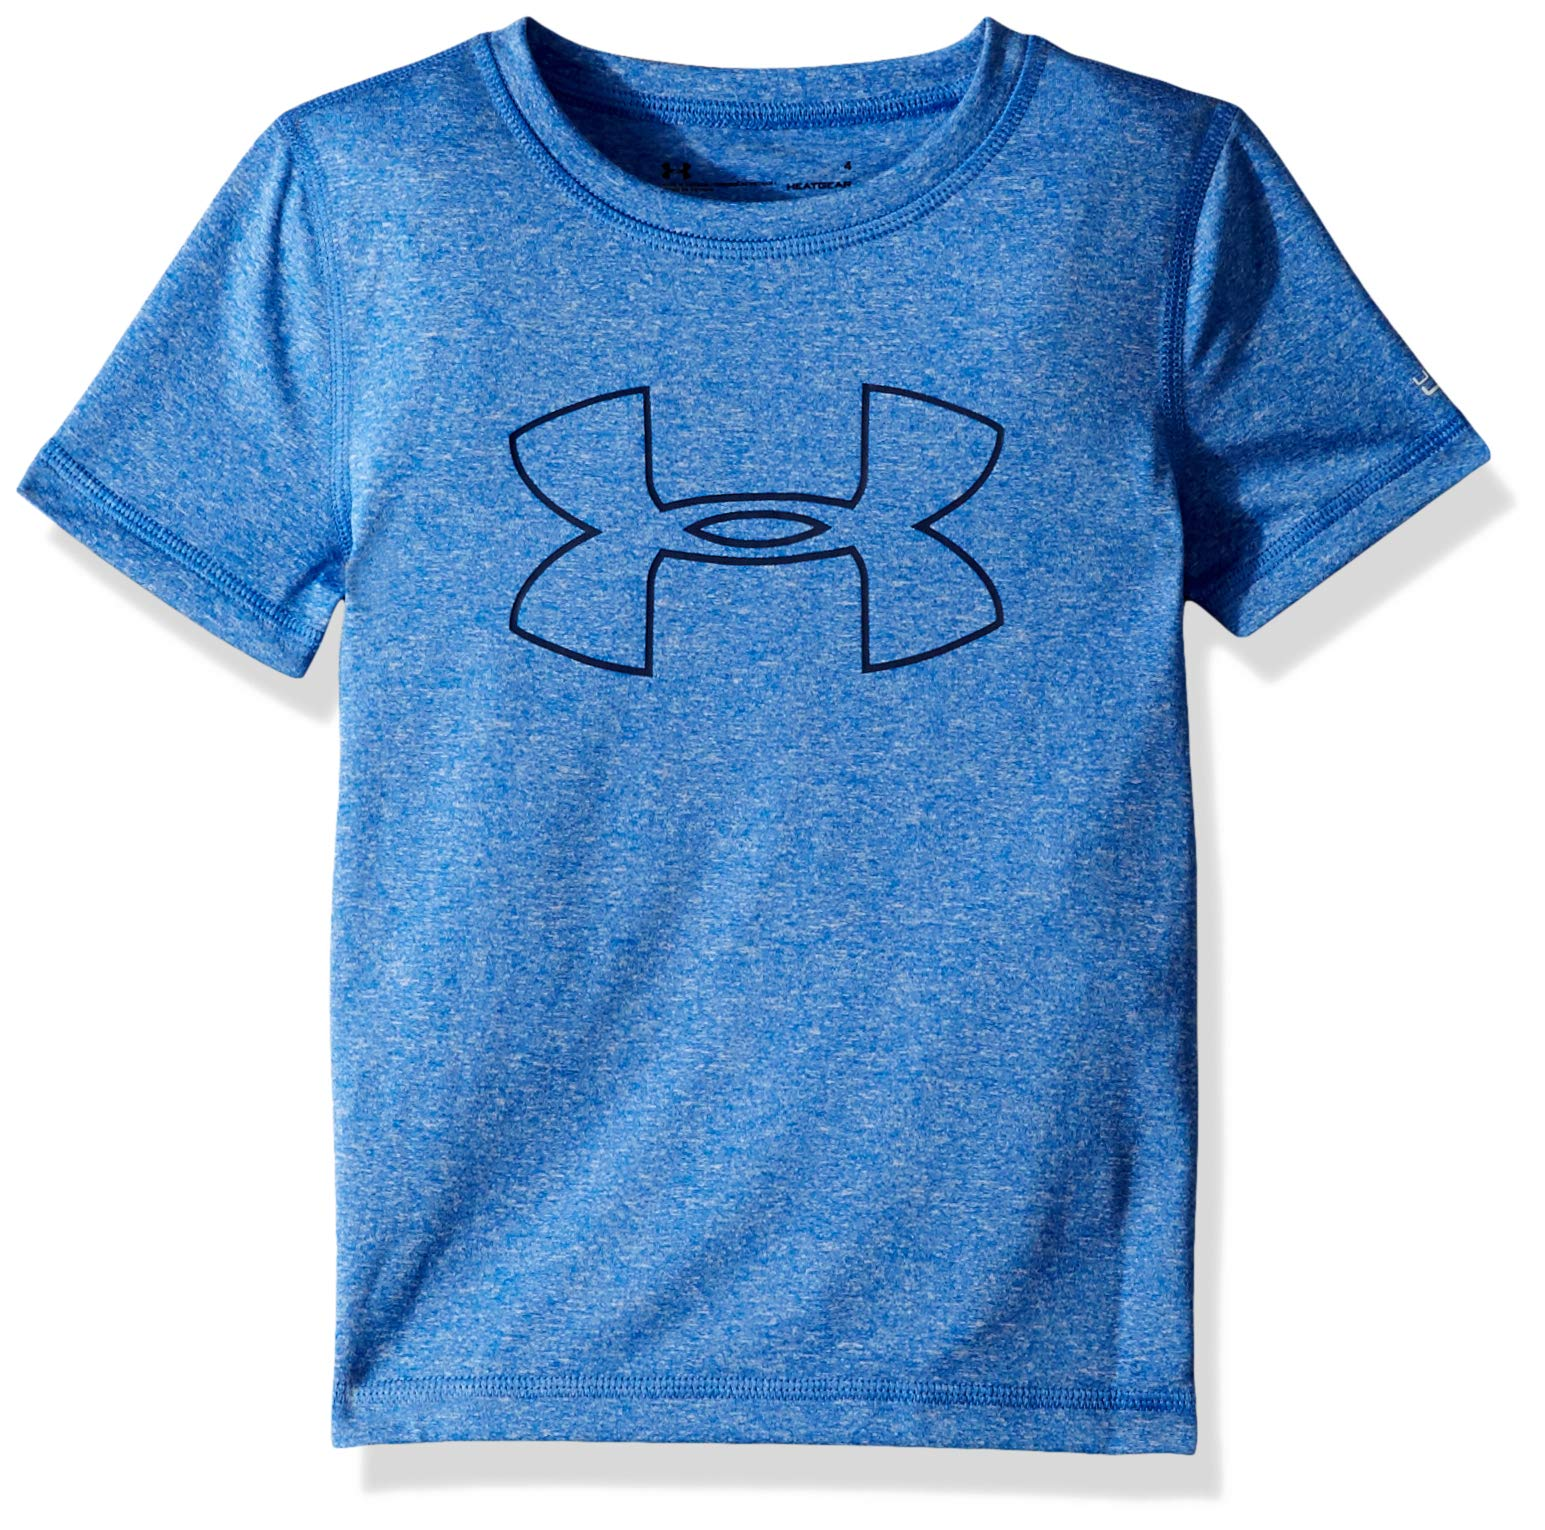 Under Armour Toddler Boys' Short Sleeve Rashguard, Ultra Blue-S19, 4T